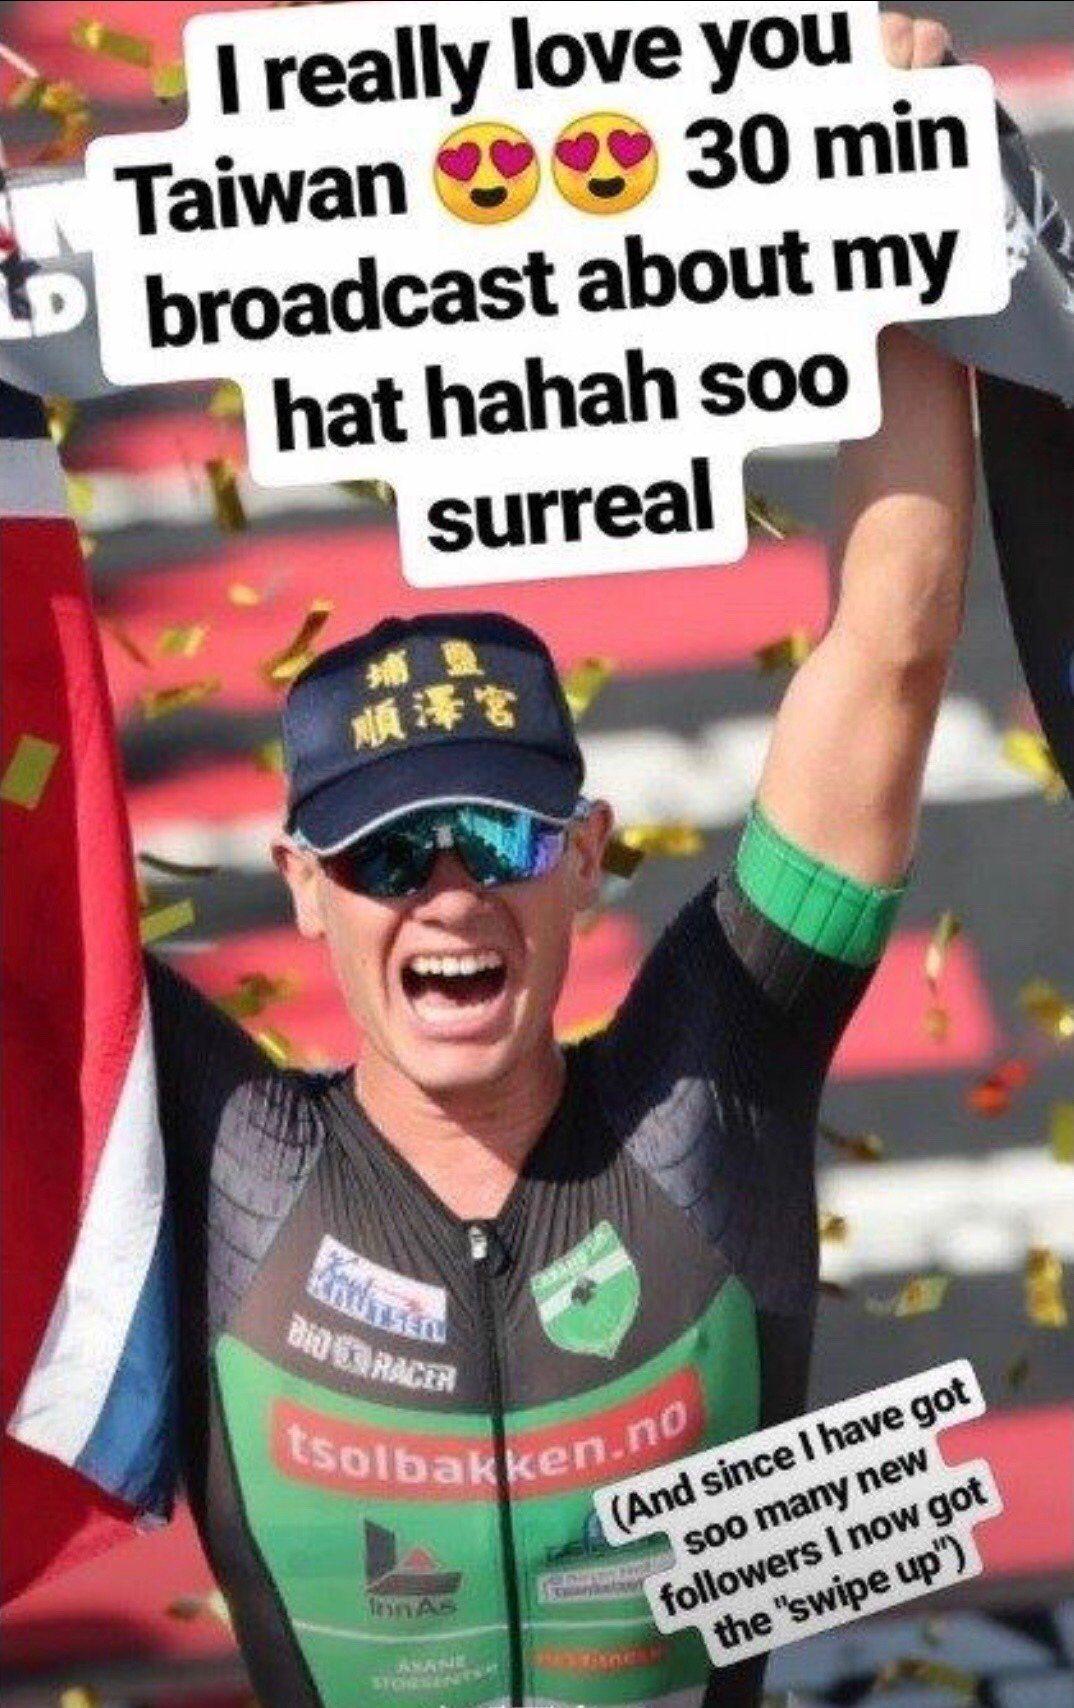 挪威三鐵選手艾登讓彰化「埔鹽順澤宮」的宮廟帽成為揚名國際的冠軍帽,今天傳出艾登得...